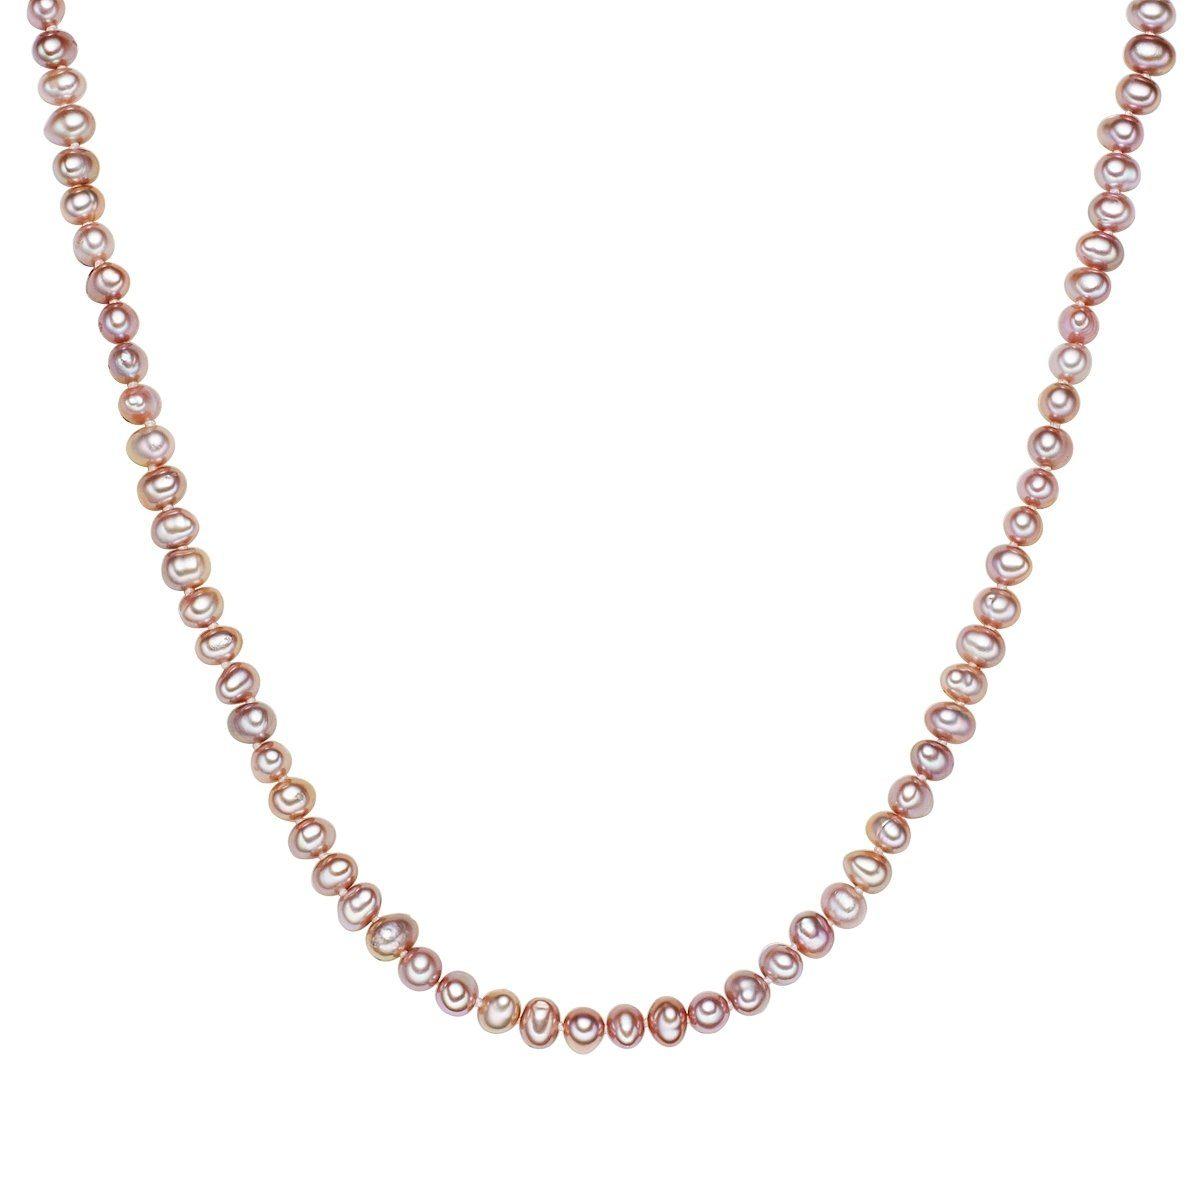 Valero Pearls Perlenkette A1007 | Schmuck > Halsketten > Perlenketten | Valero Pearls